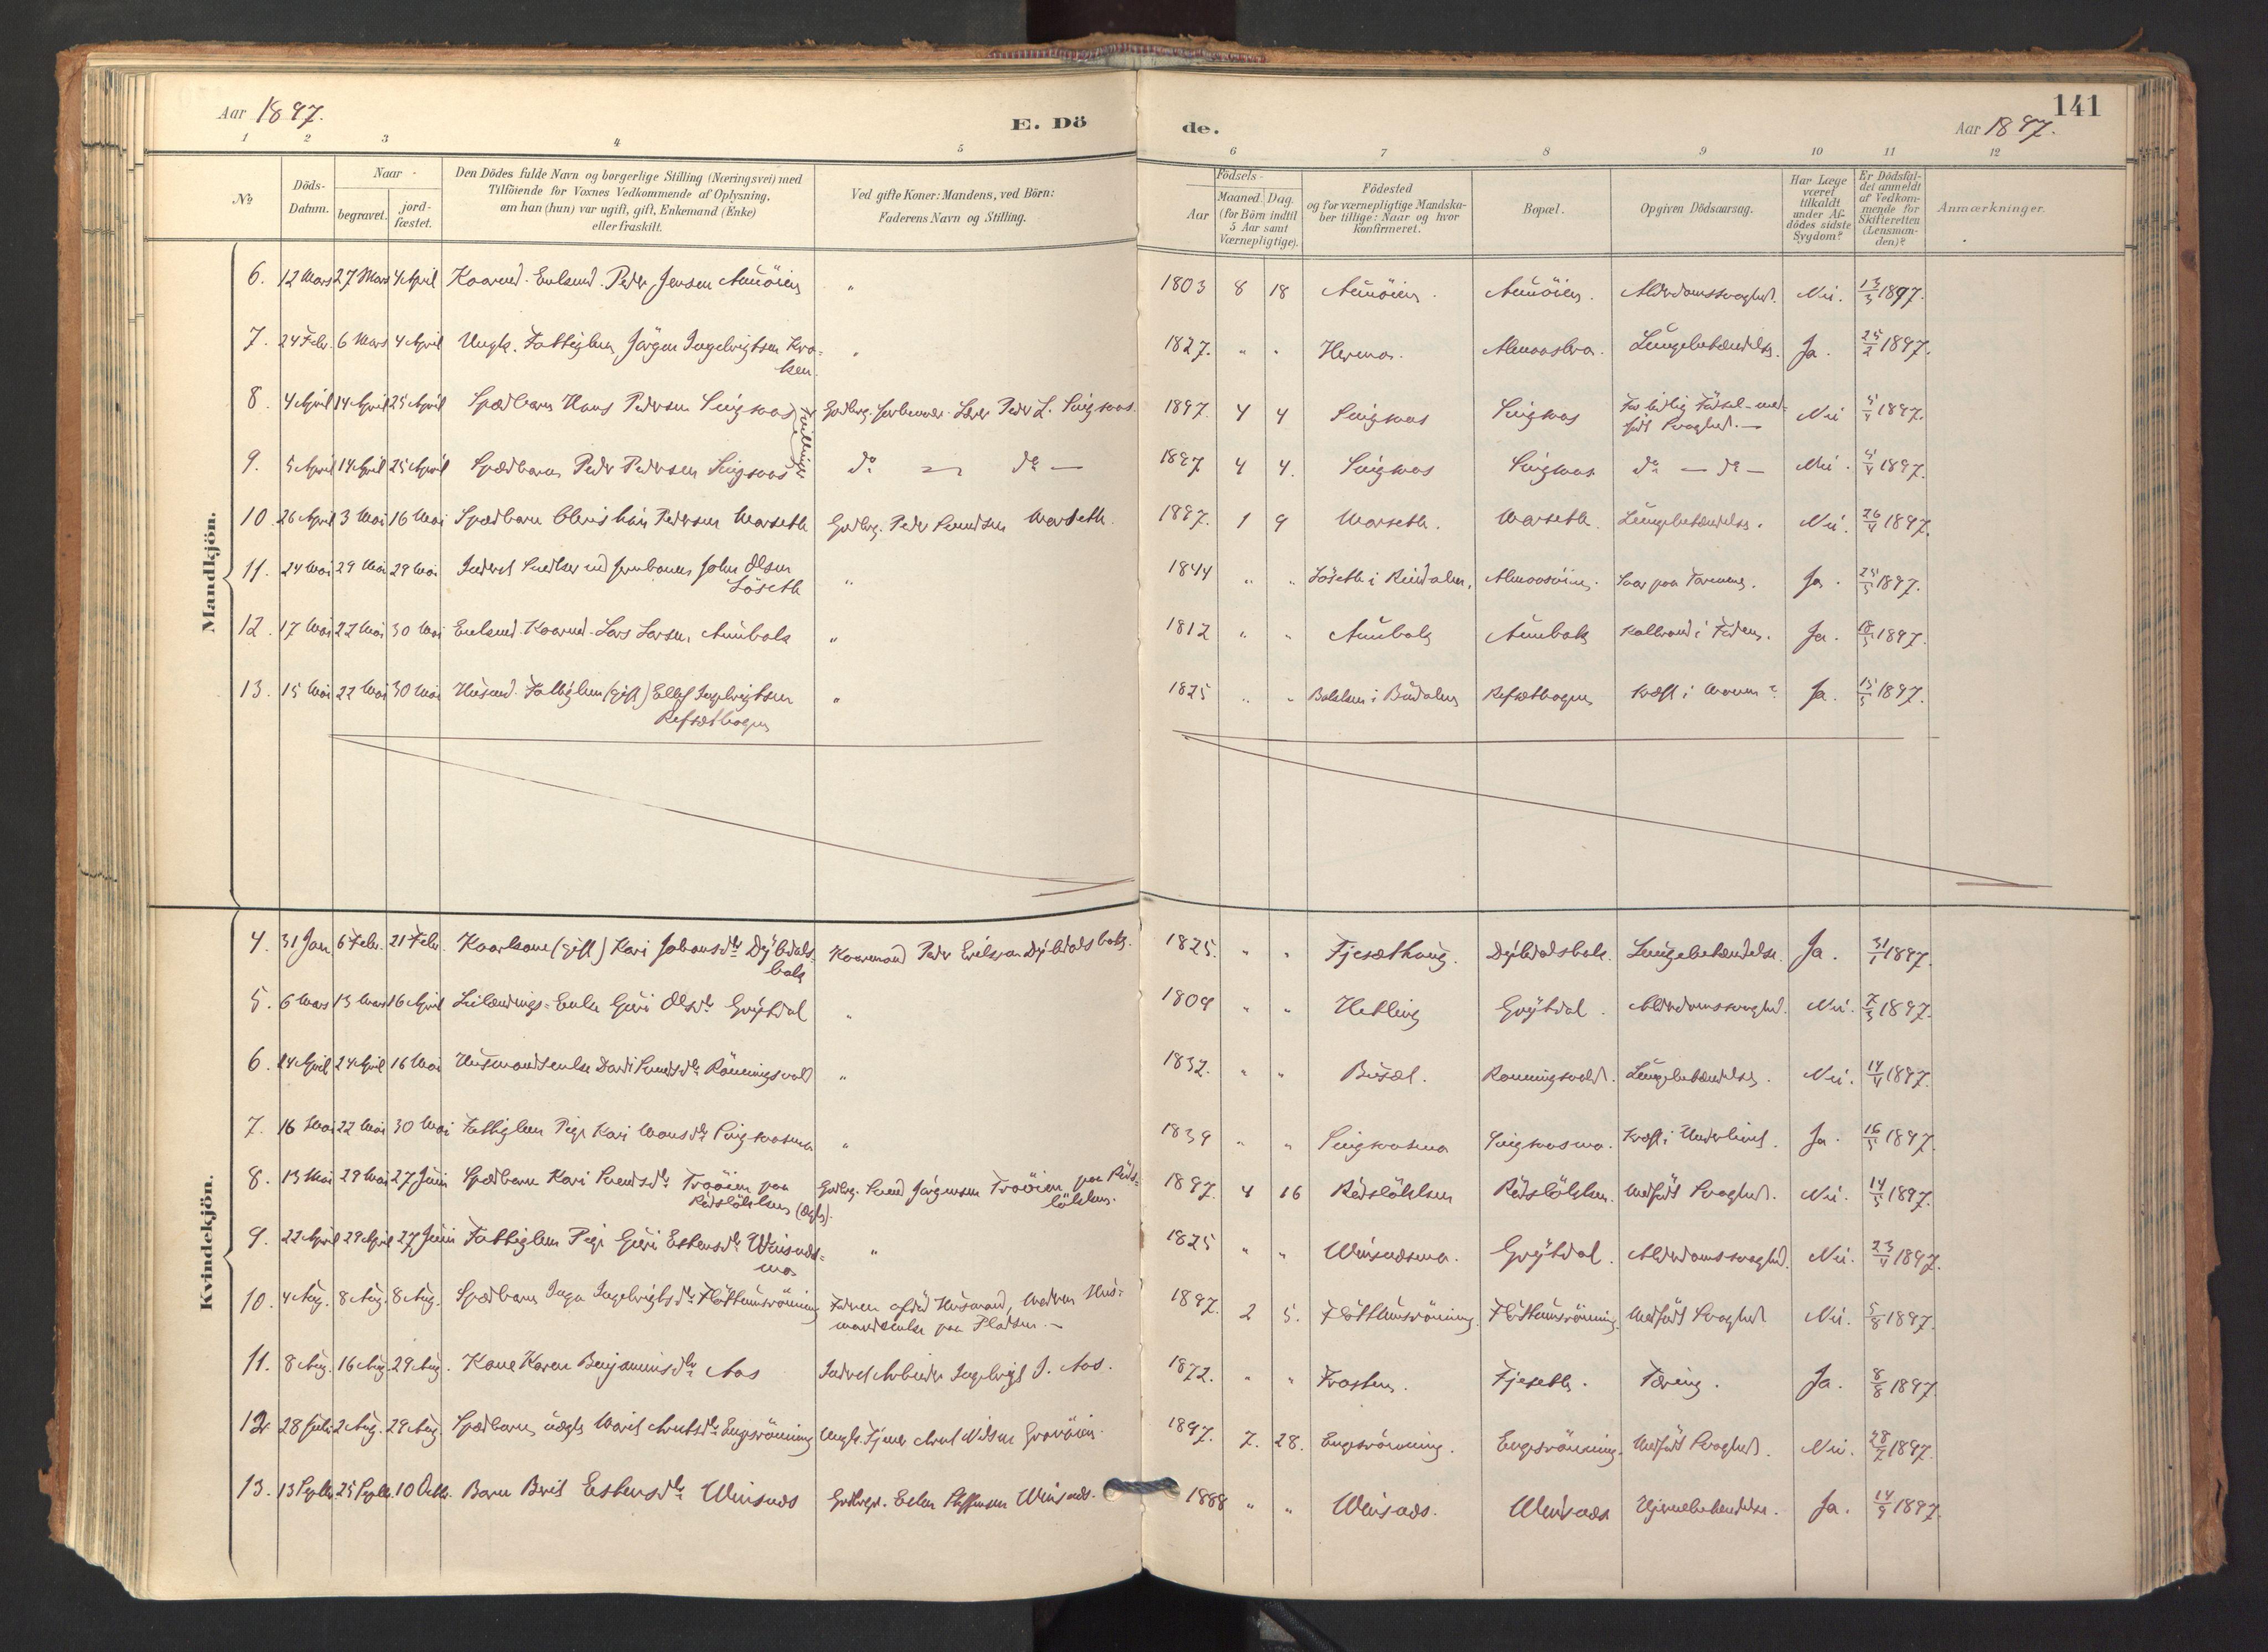 SAT, Ministerialprotokoller, klokkerbøker og fødselsregistre - Sør-Trøndelag, 688/L1025: Ministerialbok nr. 688A02, 1891-1909, s. 141